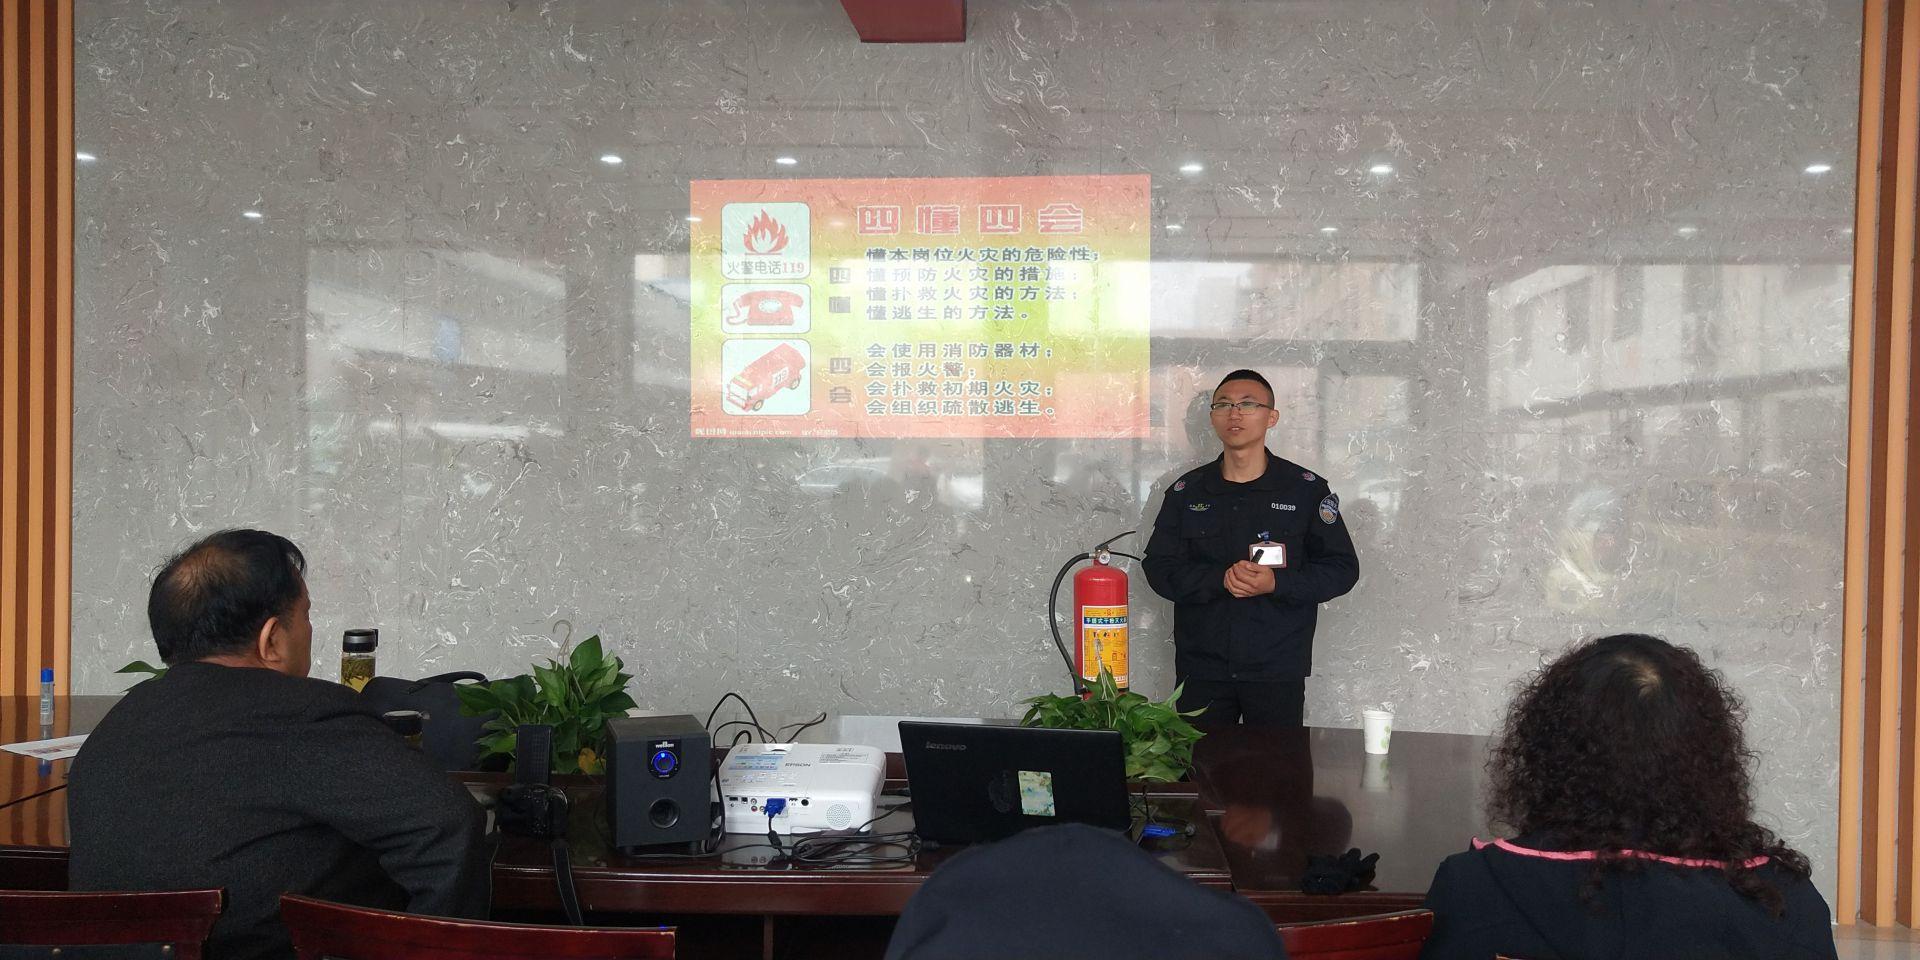 安全防火要牢记 东达社区开展春季消防知识讲座